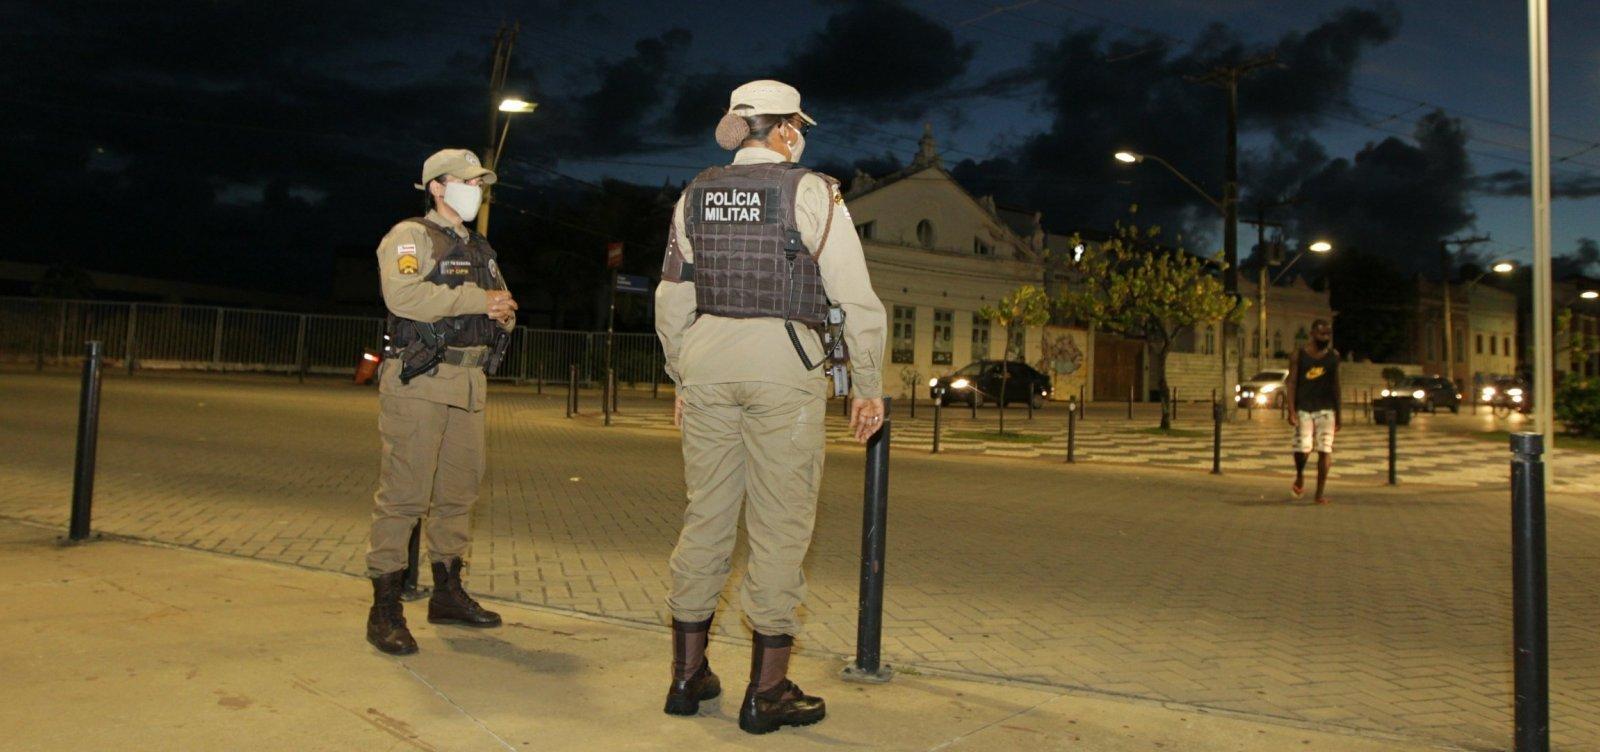 Toque de recolher será antecipado e venda de bebidas volta a ser proibida em Salvador e região